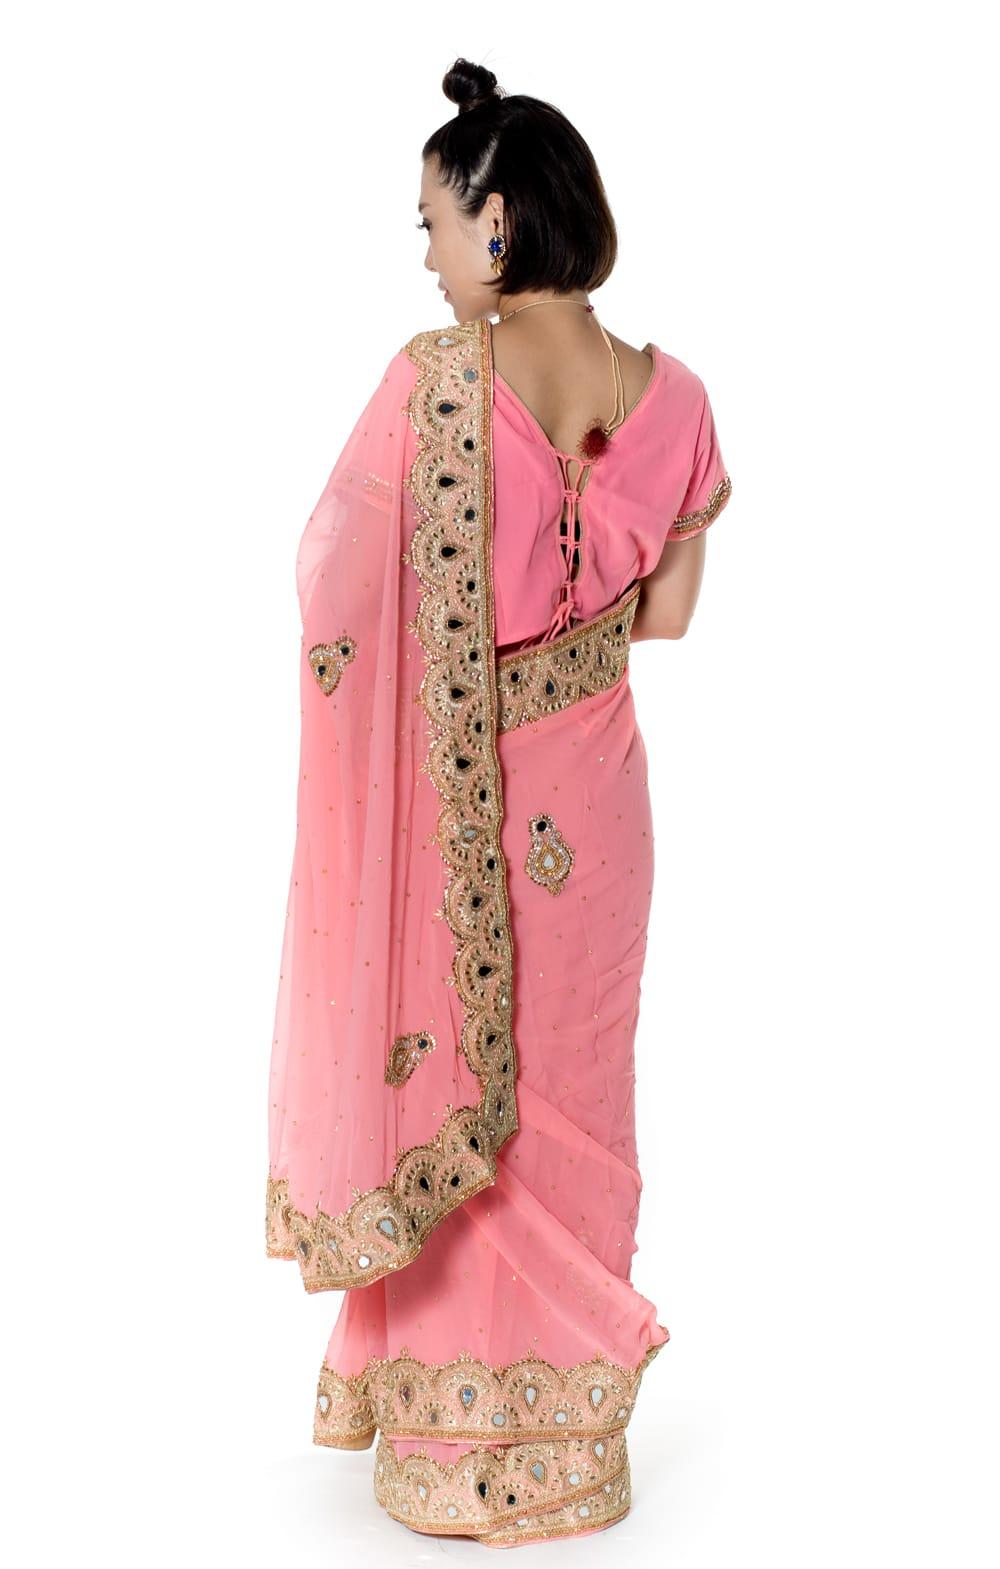 【一点物】ミラーワークと刺繍の婚礼用ゴージャス ジョーゼットサリー【チョリ付き】 - ピンク 3 - 後ろからの写真です